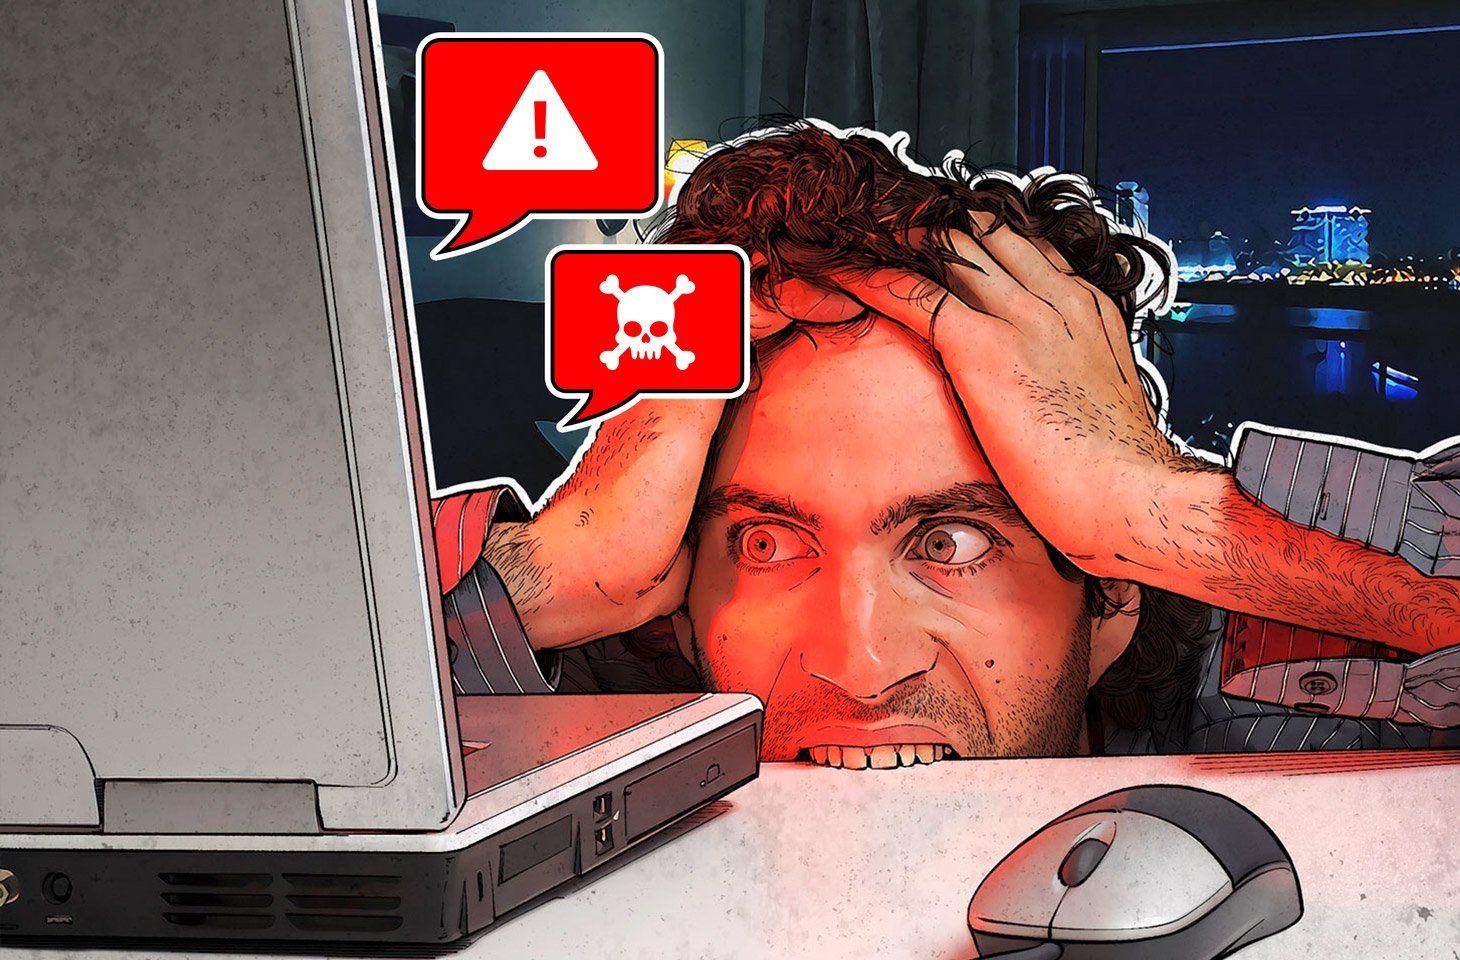 O que são programas falsos, de onde vêm e por que são perigosos?